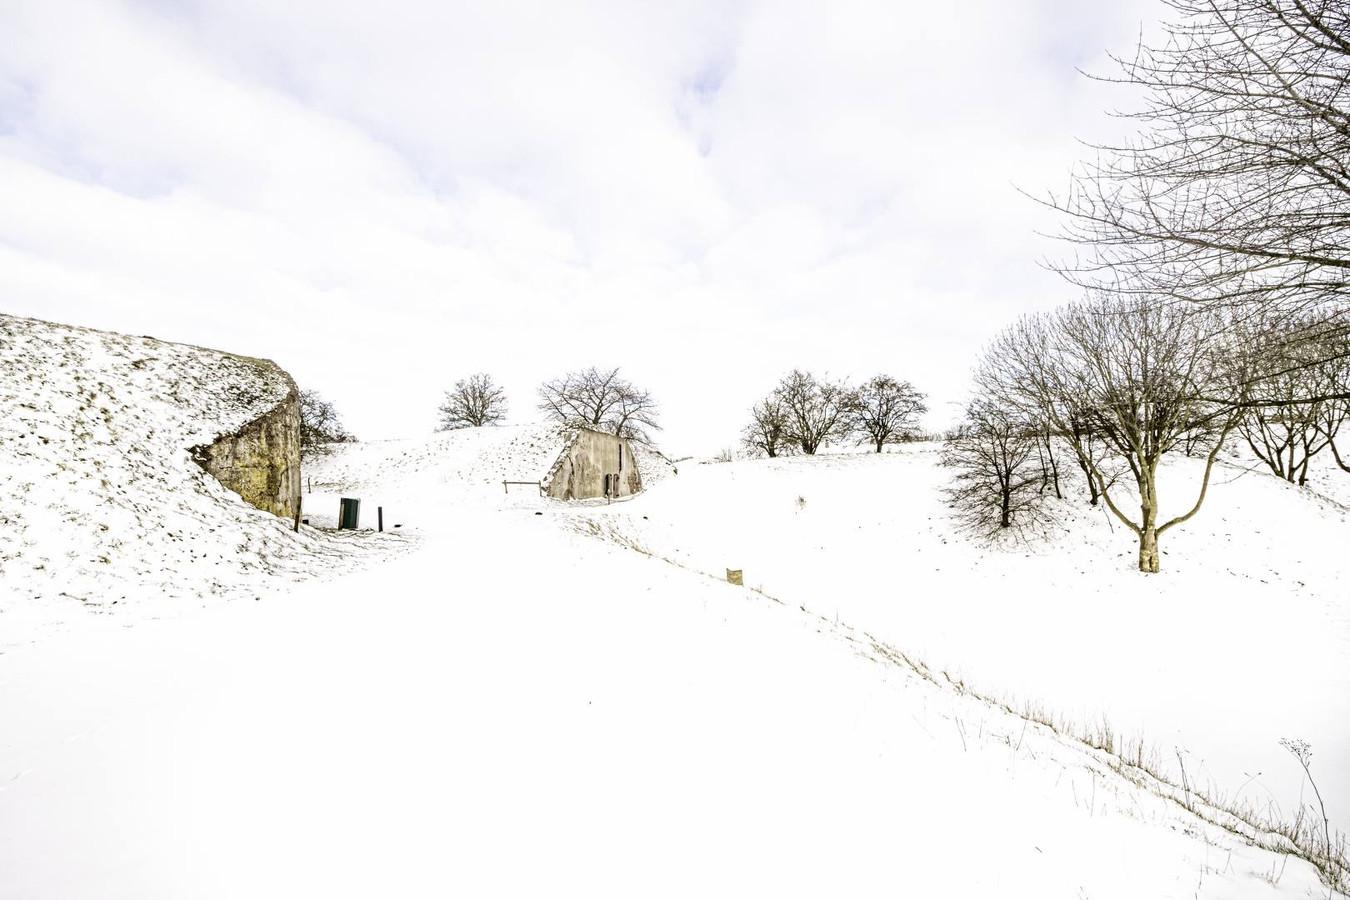 Net een schilderij, deze foto van Fort Sabina in  Heijningen in de sneeuw. Het fort wordt het centrum van de FotoBiënnale in oktober.